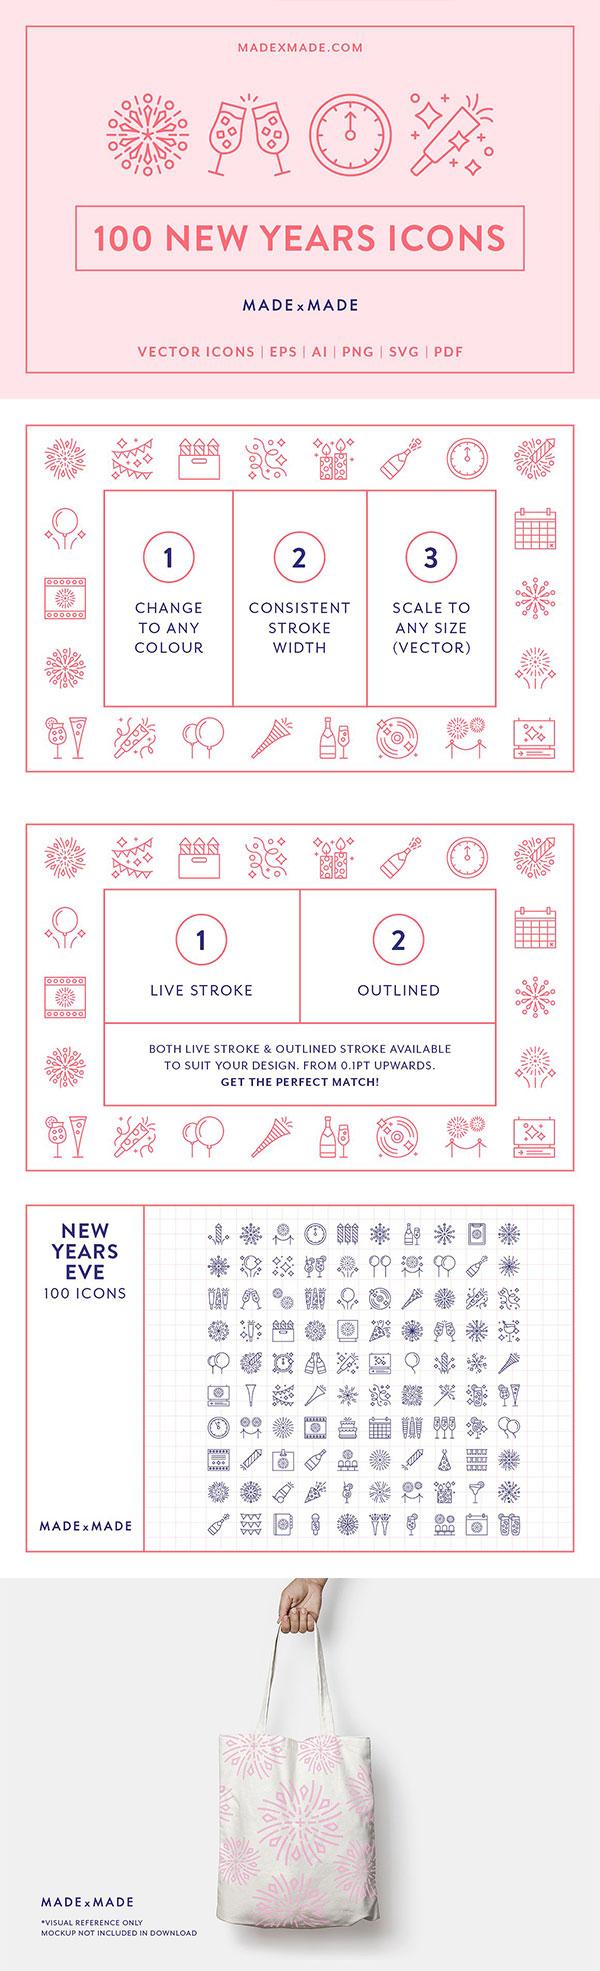 新年线形图标